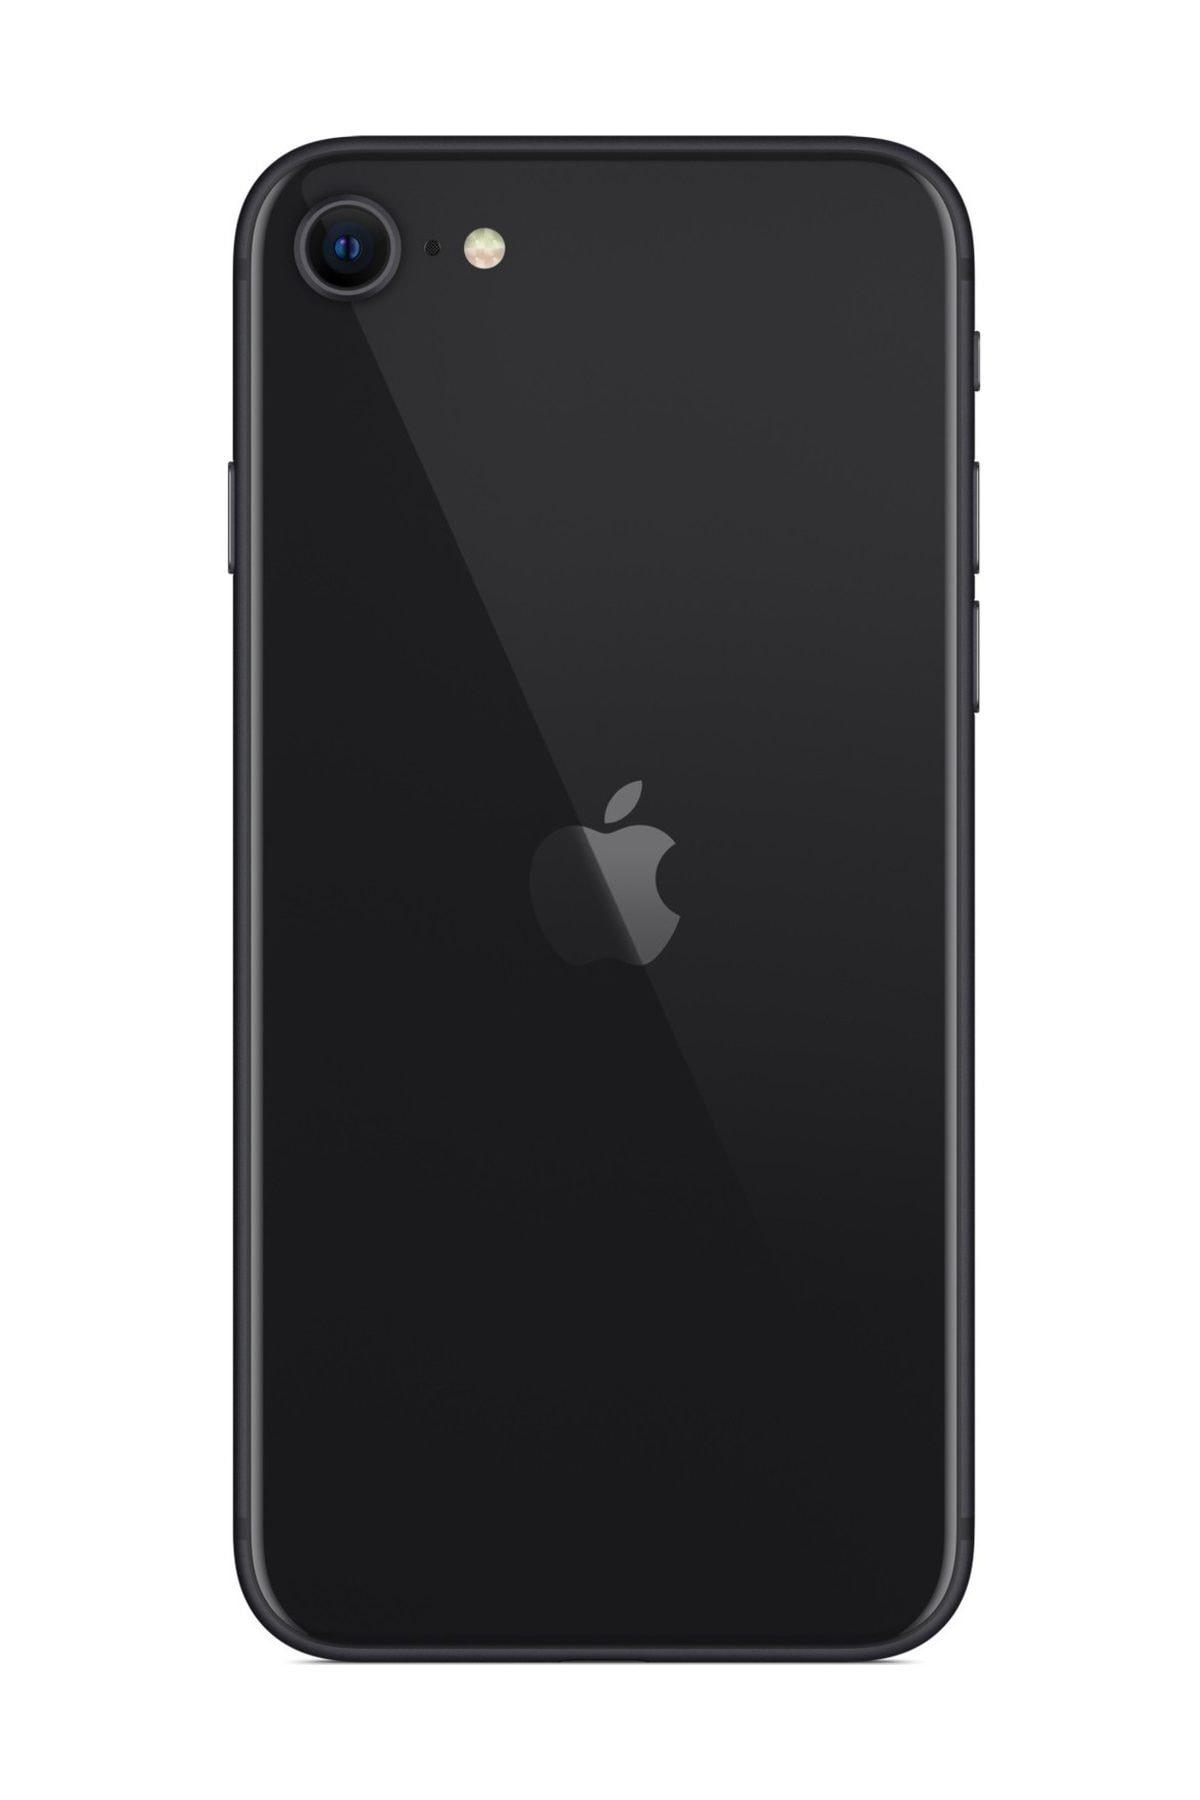 Apple iPhone SE (2020) 64 GB Siyah Cep Telefonu (Apple Türkiye Garantili) Aksesuarlı Kutu 2